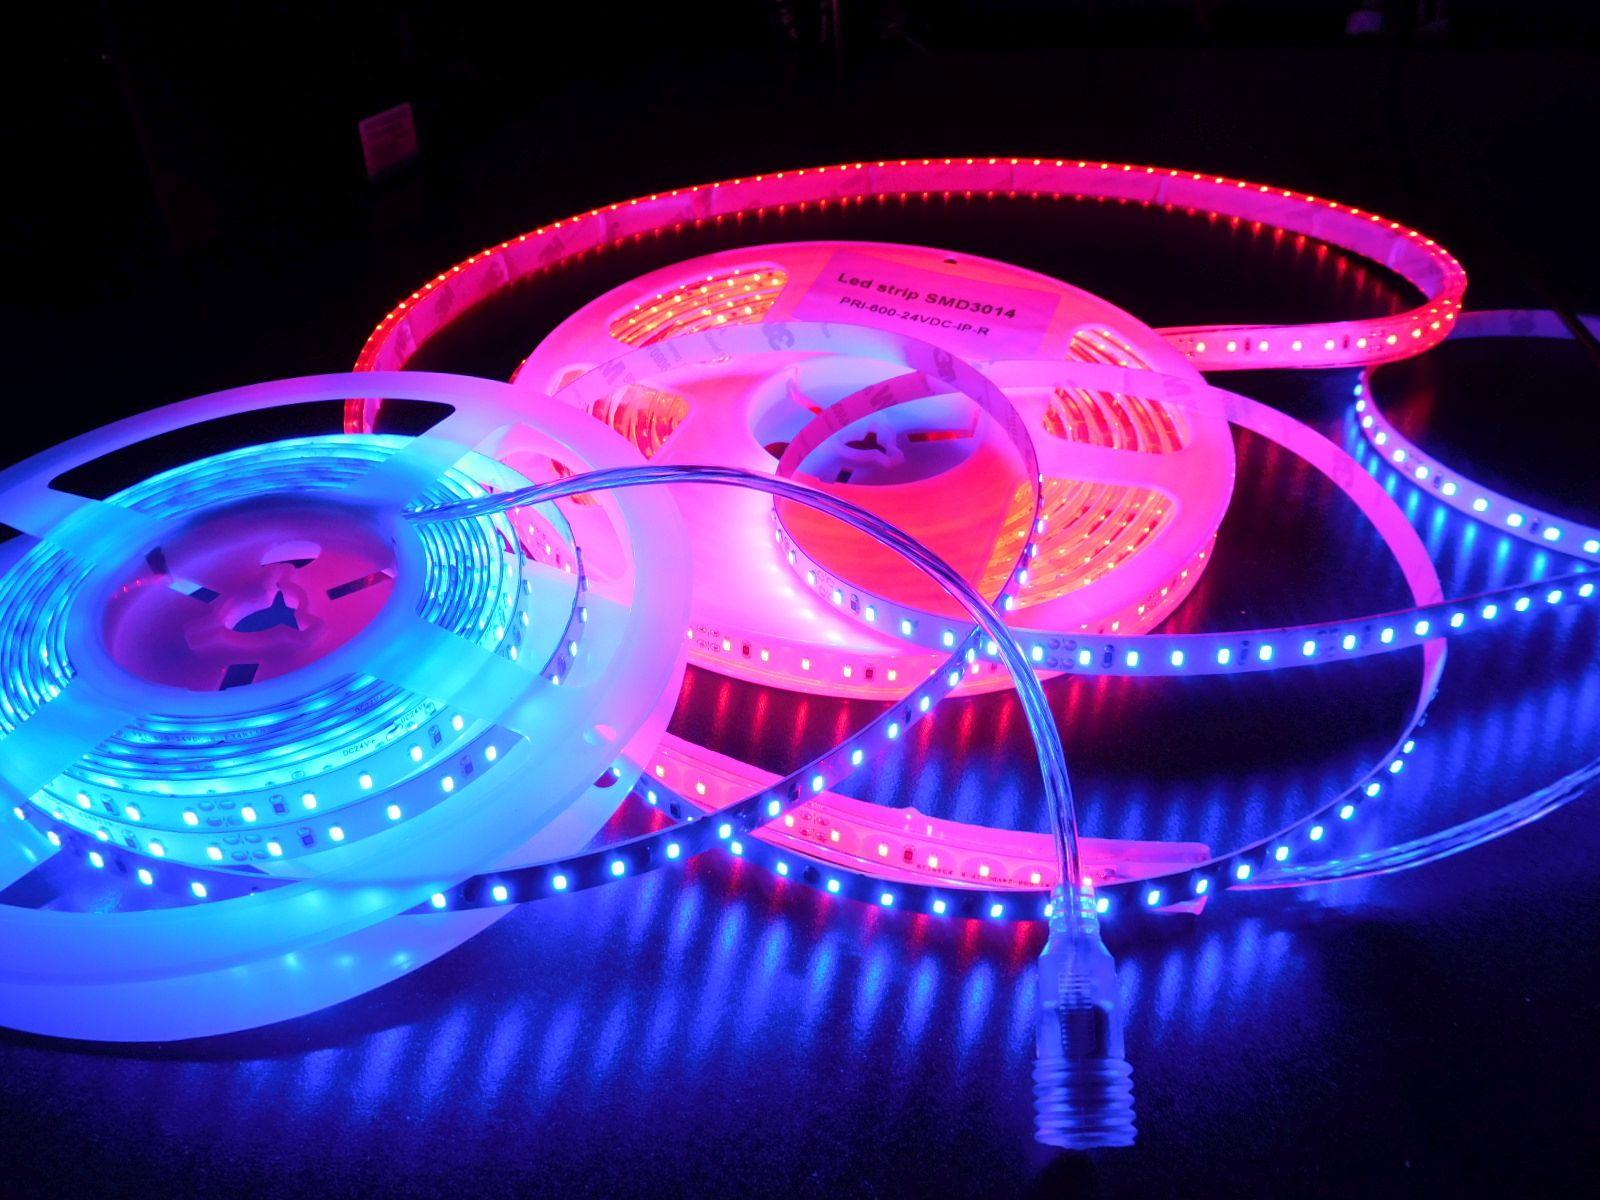 LED STRIPS * PRI-600-24VDC : WATERPROOF & NON-WATERPROOF